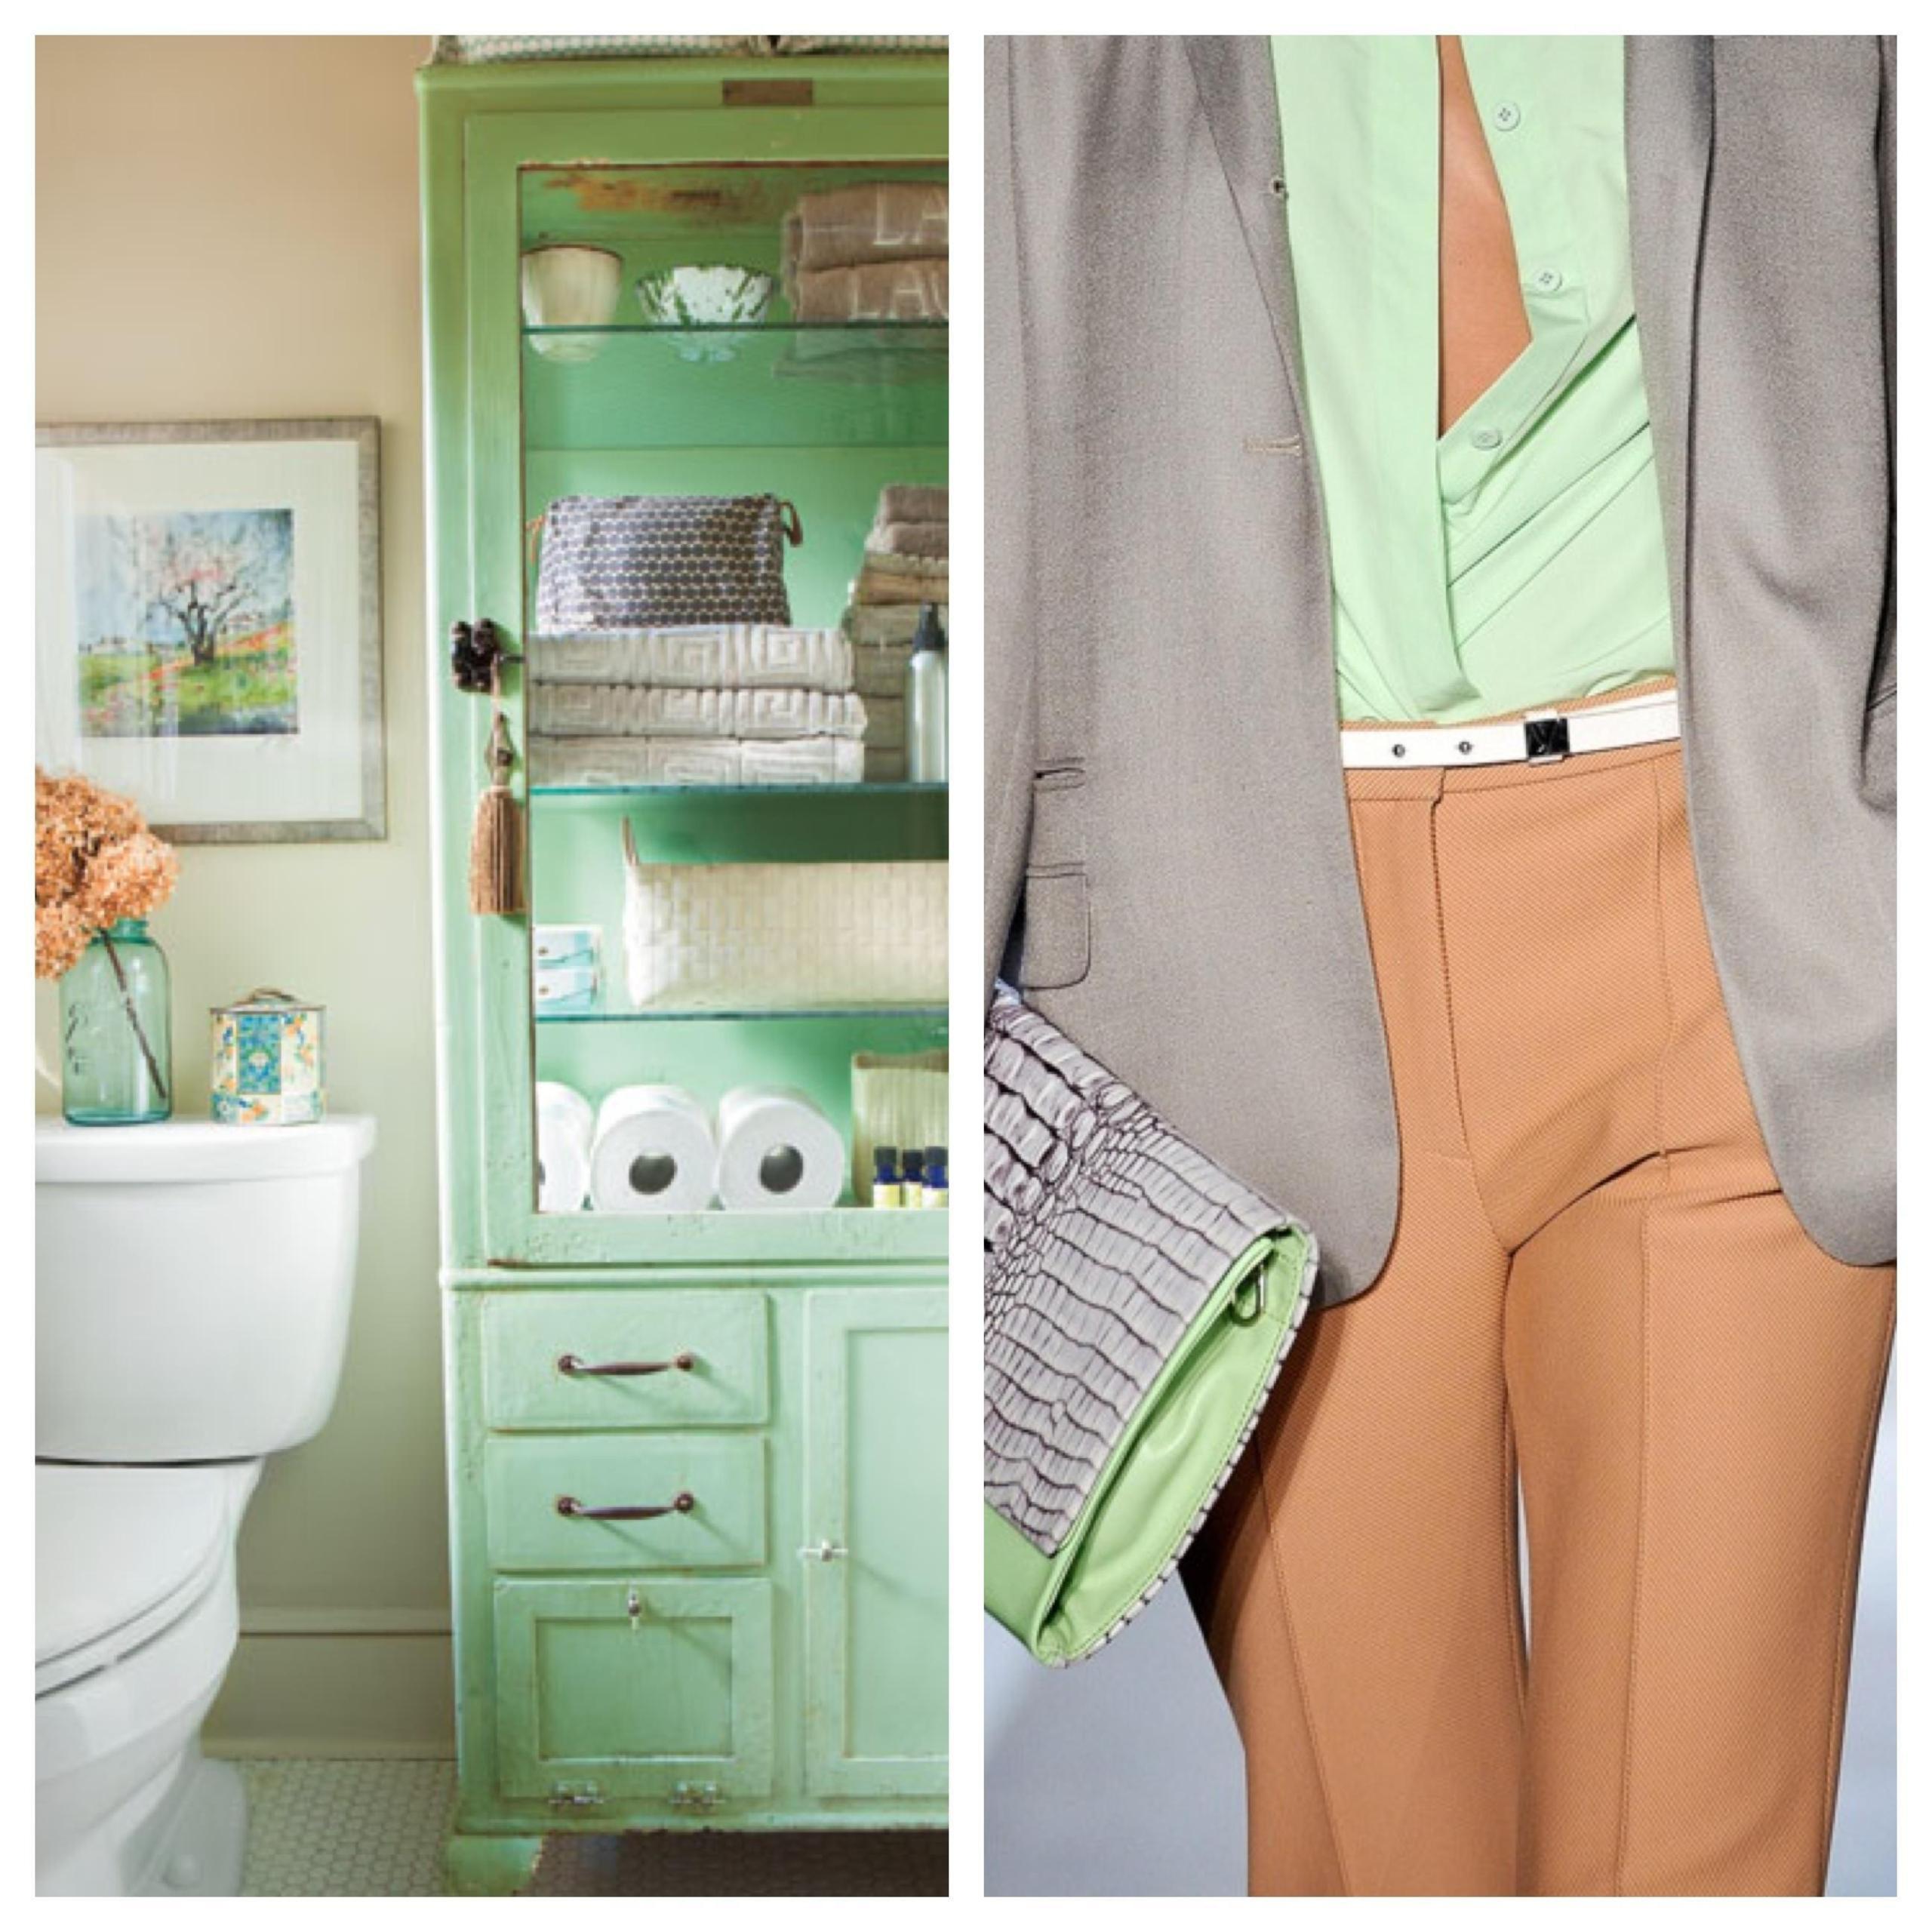 White Linen Cabinet For Bathroom Ideas On Foter